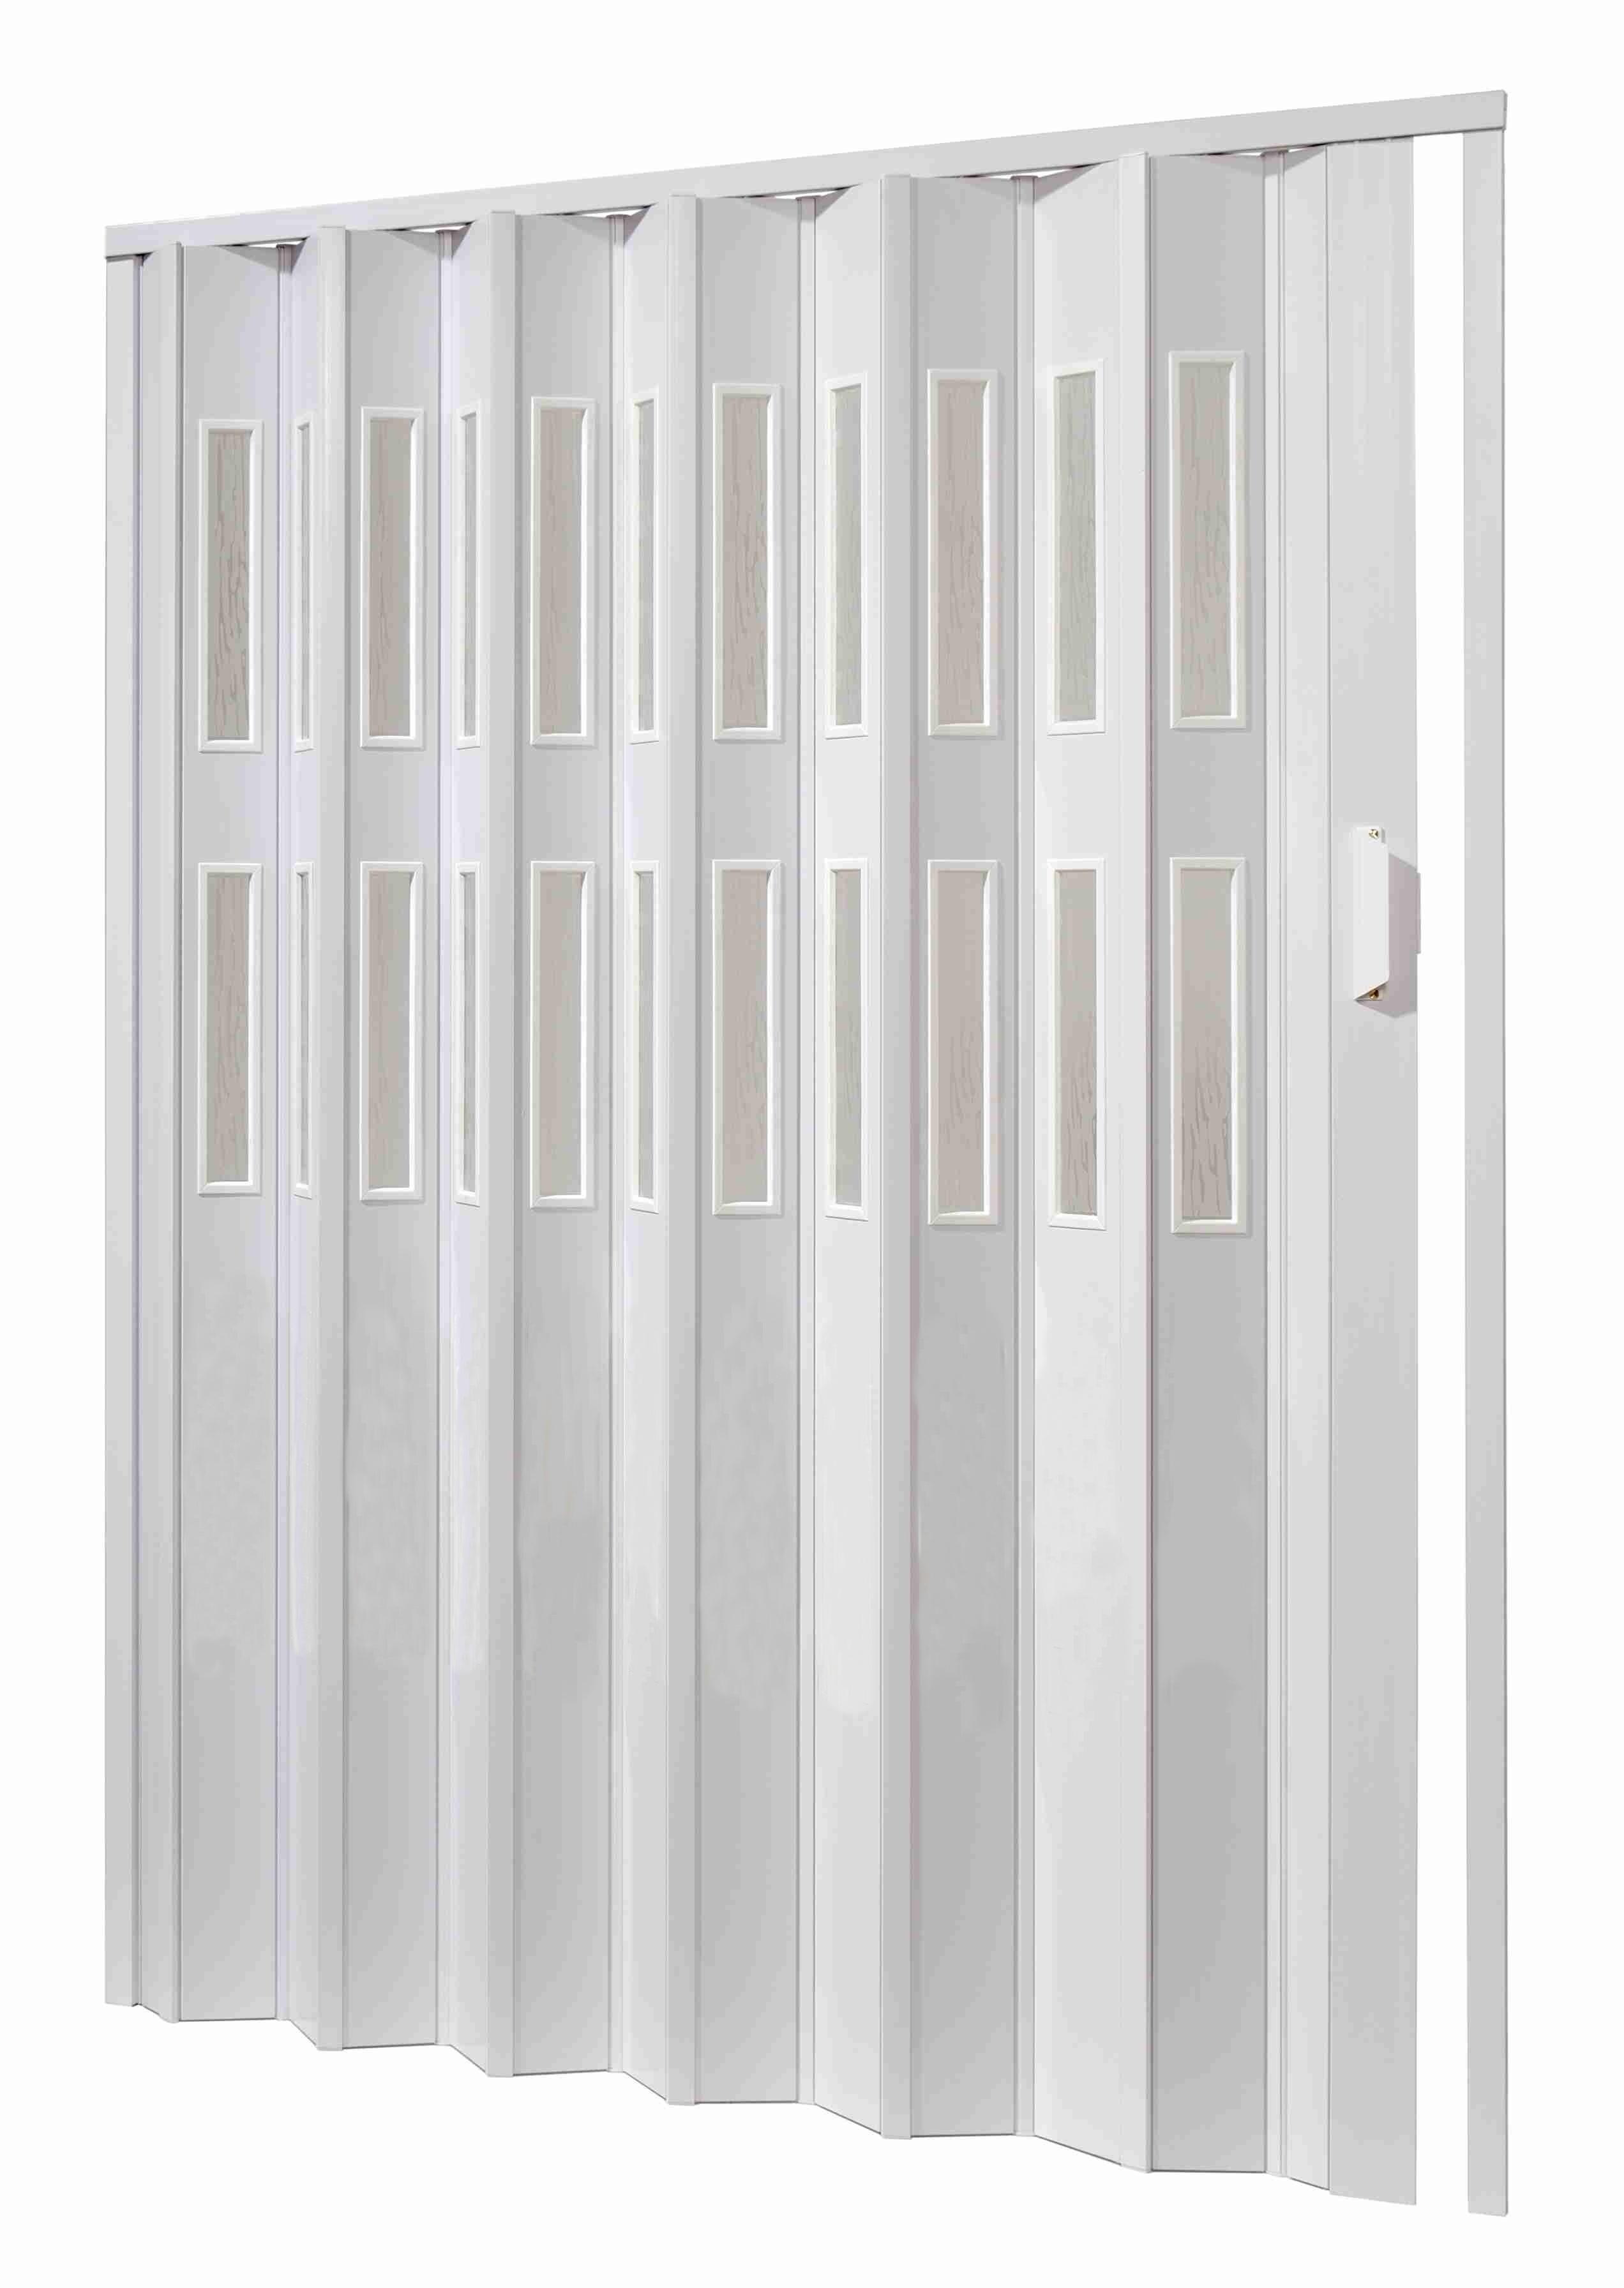 Plastové shrnovací dveře PETROMILA 151x200cm ODSTÍN: BÍLÁ, TYP DVEŘÍ: plné